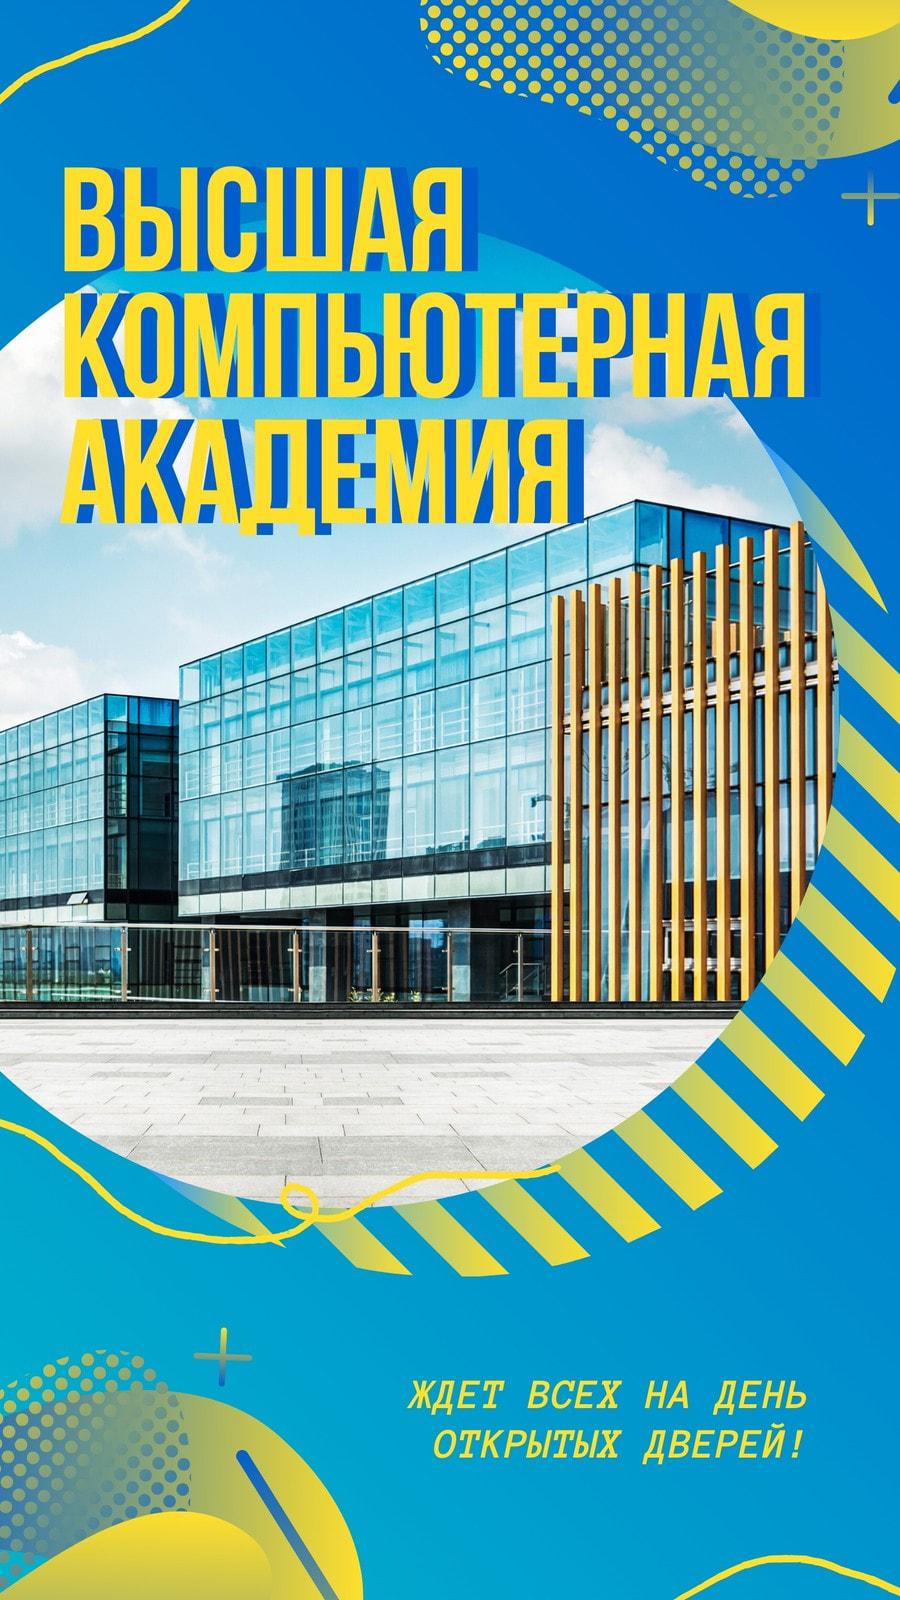 Сине-желтая Ваша история в Инстаграм с фасадом вуза